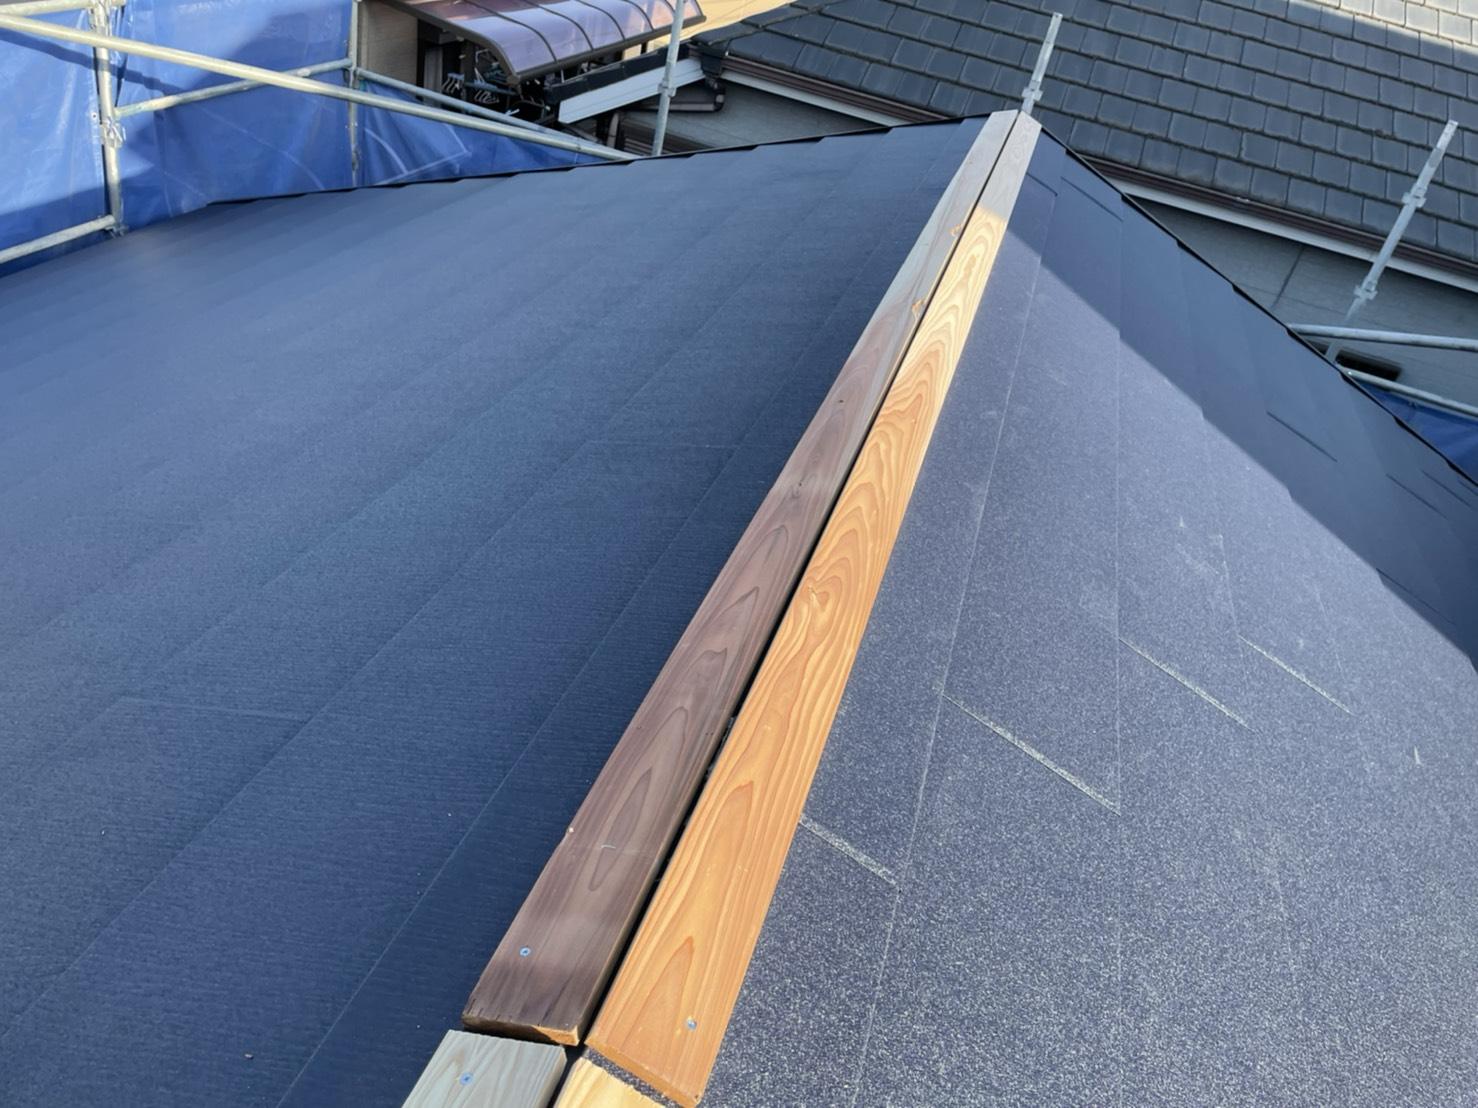 神戸市垂水区で行った屋根工事で棟木を取り付けた様子